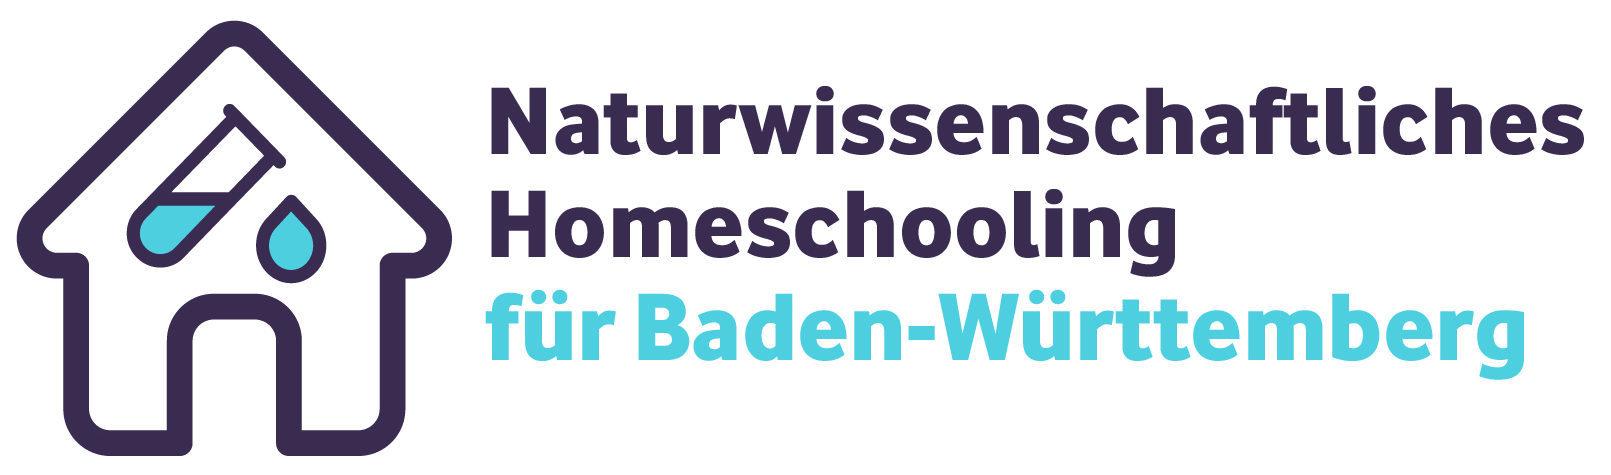 Naturwissenschaftliches Homeschooling für Baden Württemberg